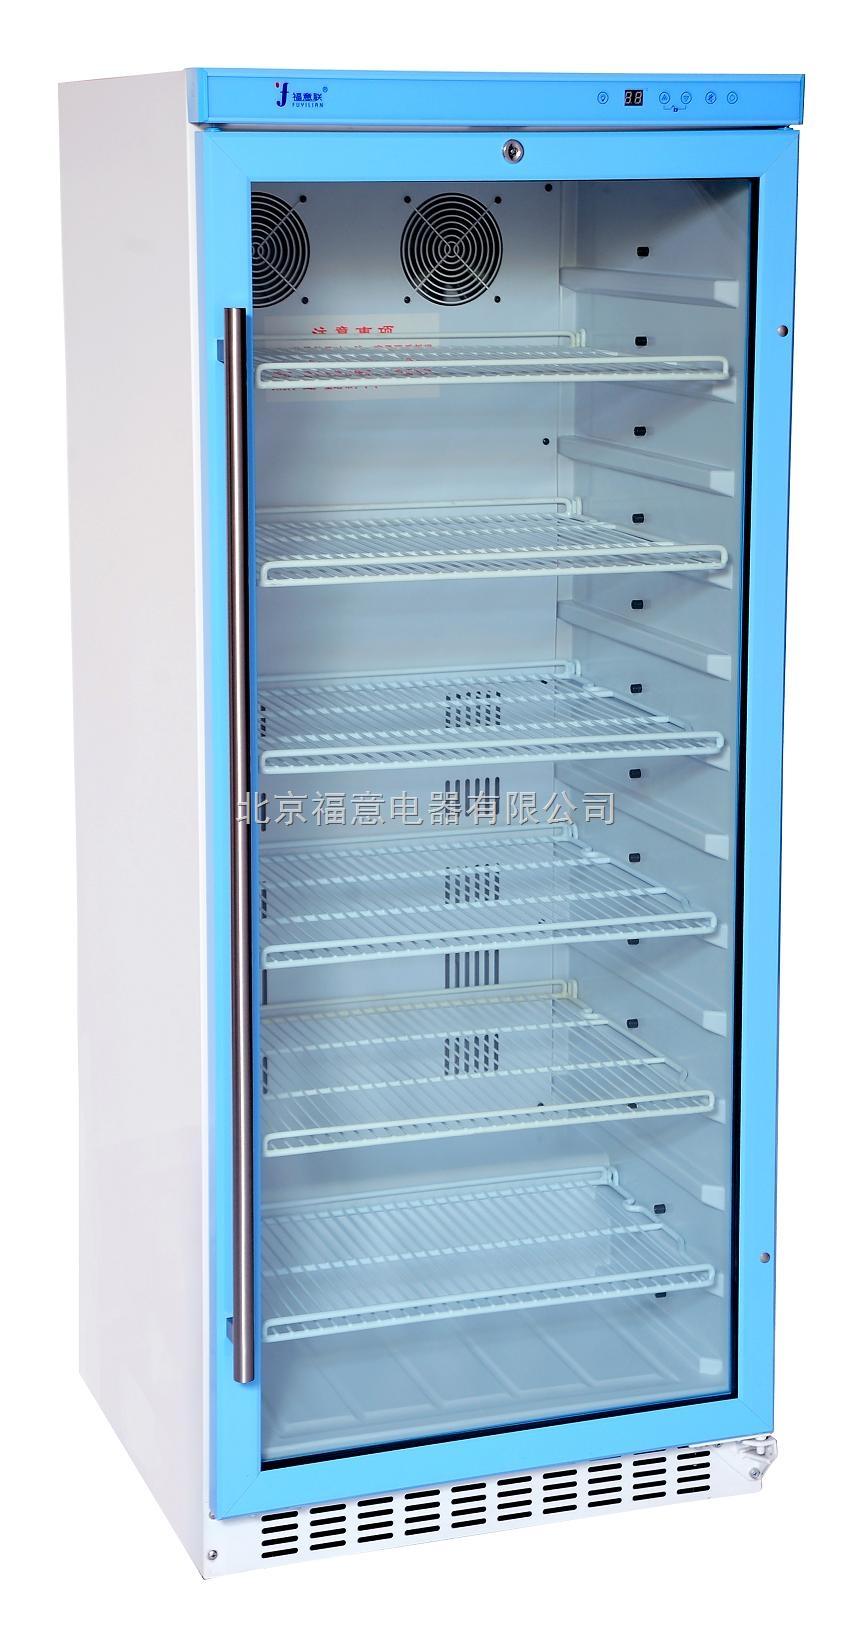 实验室冰箱存放试剂